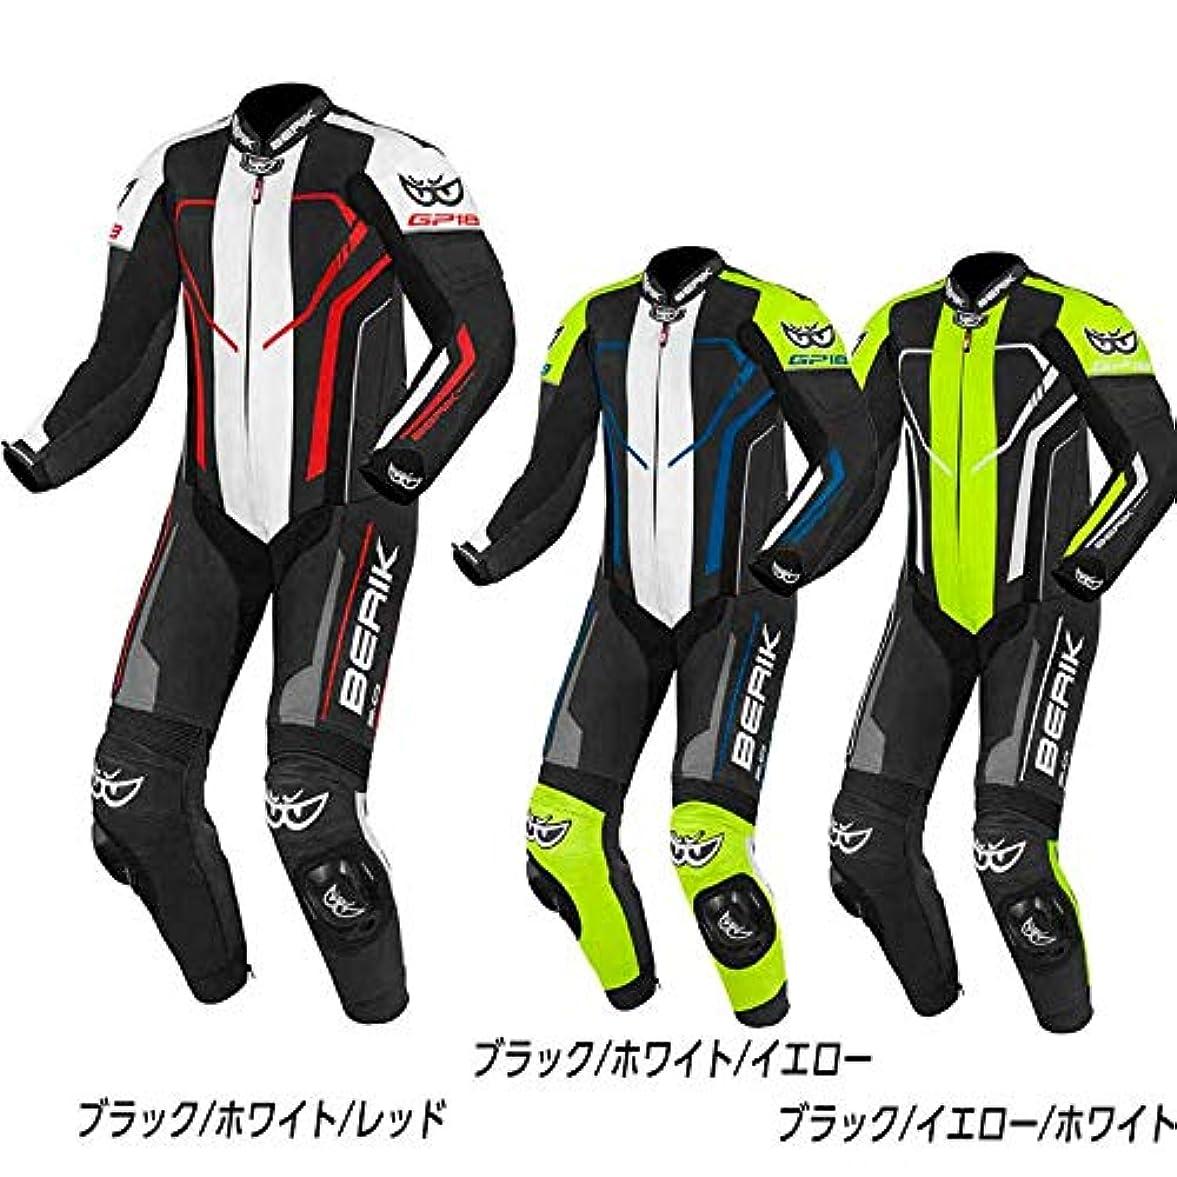 司教衛星一晩Berik ベリック Imola Leather 2019モデル ワンピース レザースーツ バイクウェア ライダースーツ(EU54 ブラック/イエロー/ホワイト)